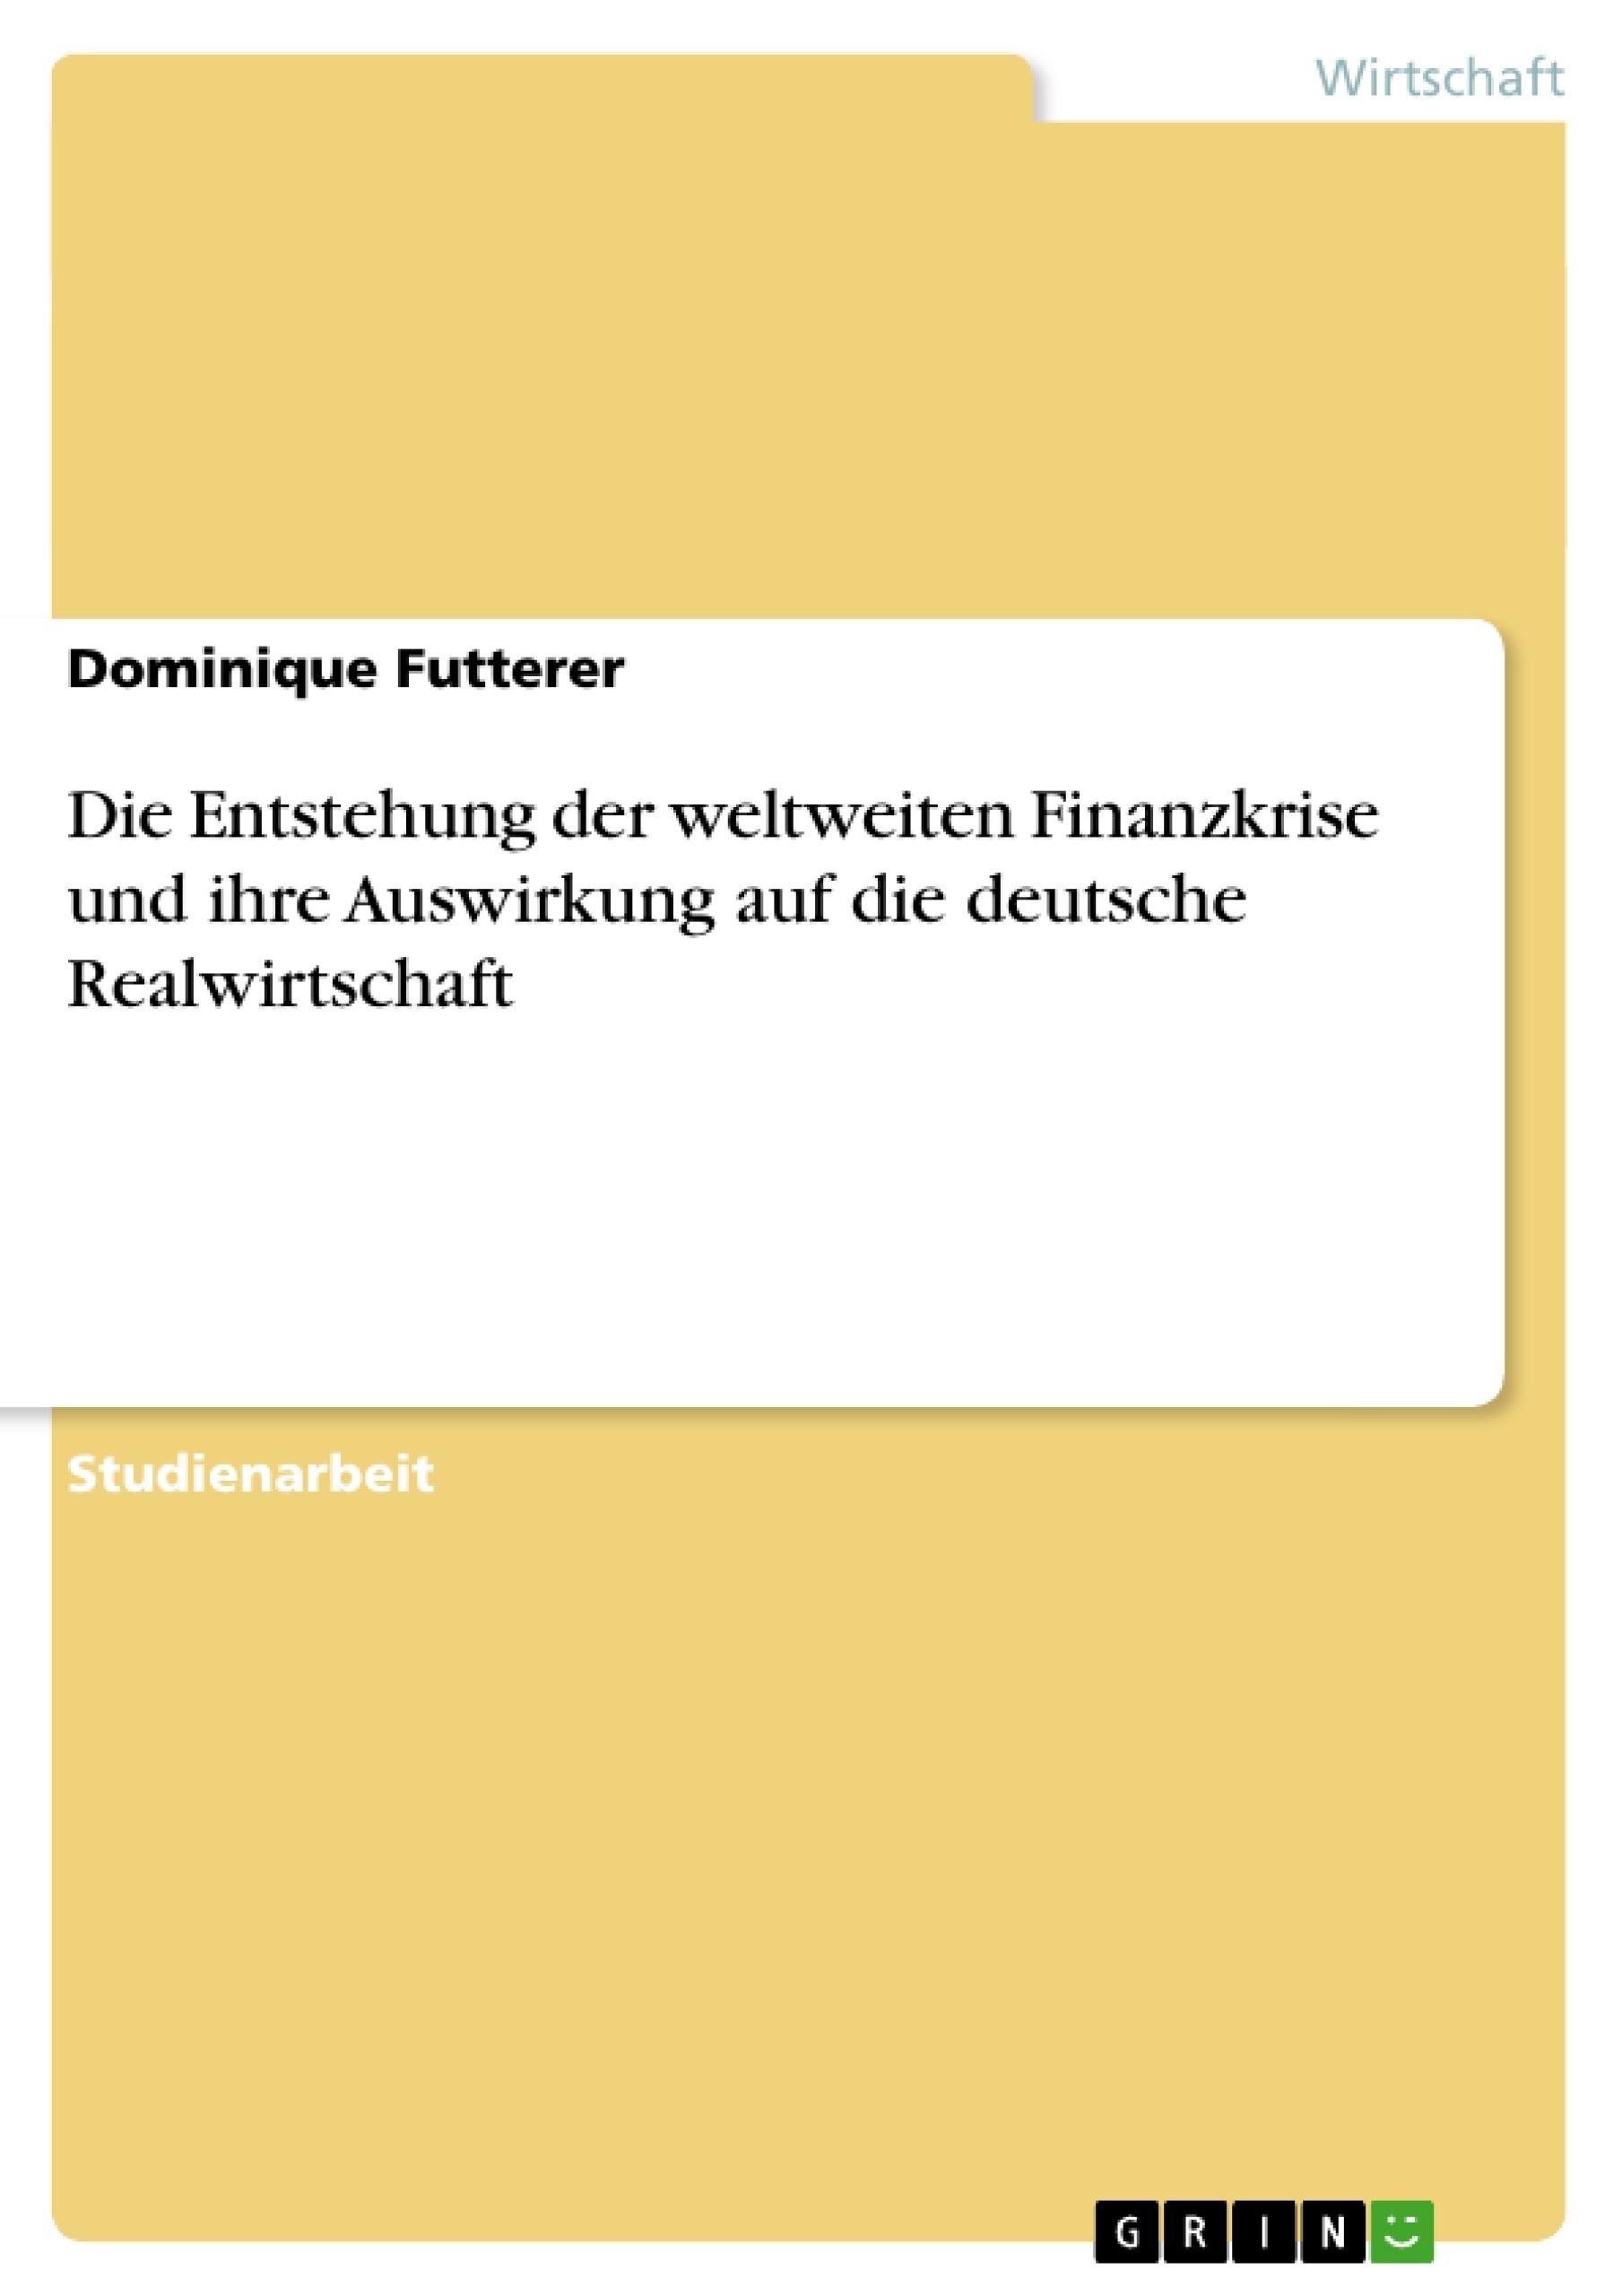 Titel: Die Entstehung der weltweiten Finanzkrise und ihre Auswirkung auf die deutsche Realwirtschaft